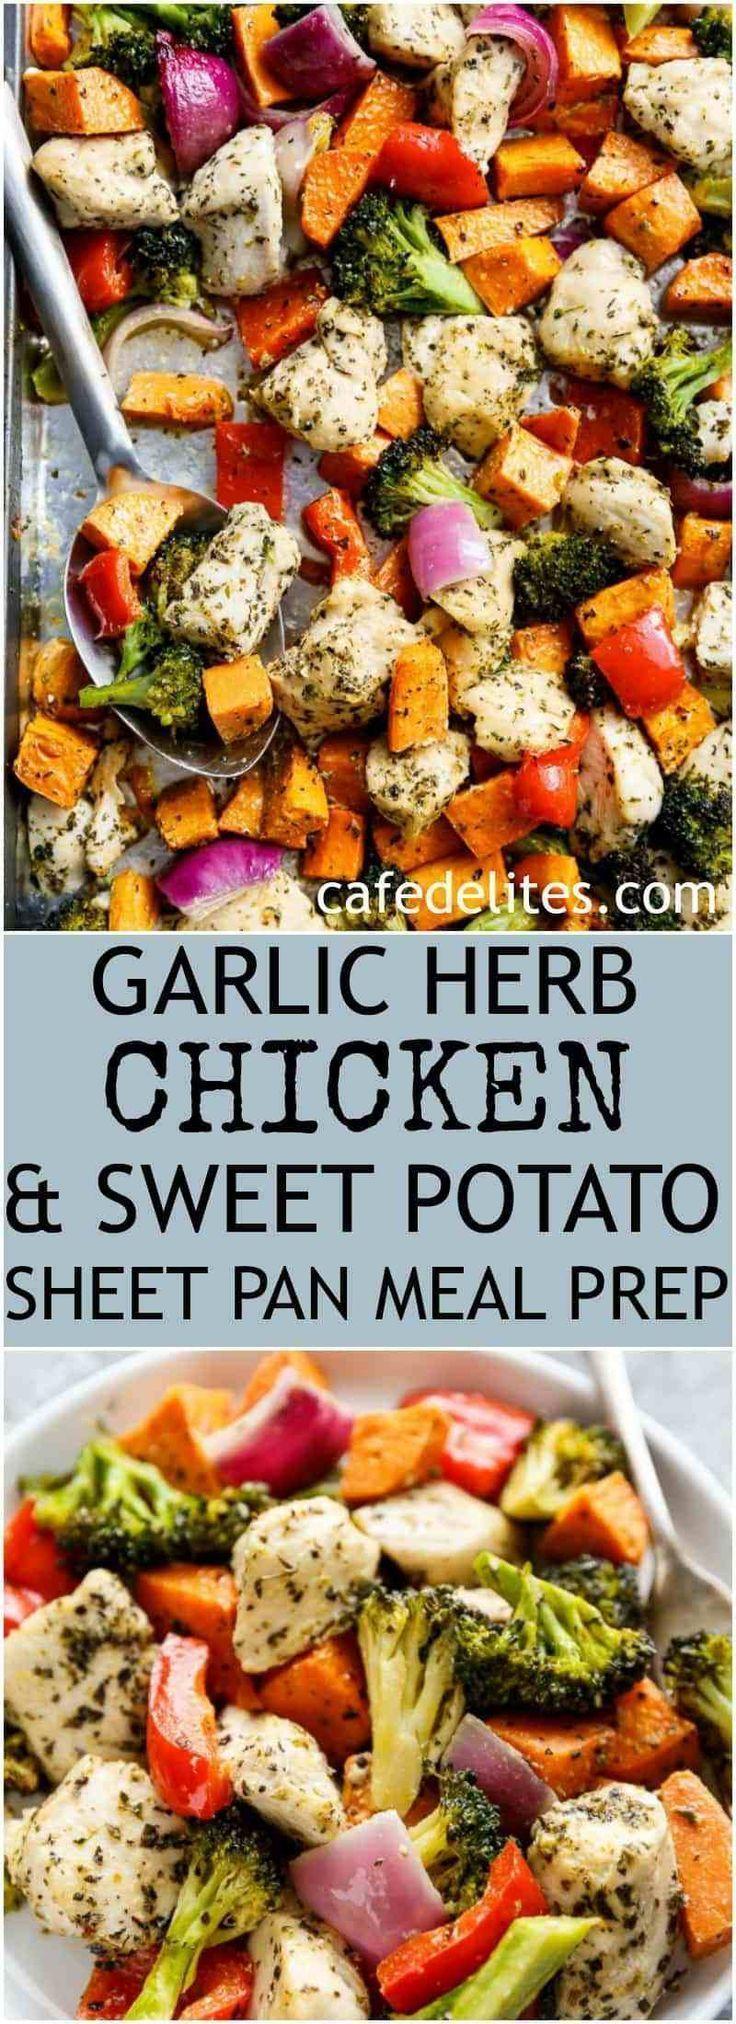 Photo of Garlic Herb Chicken & Sweet Potato Sheet Pan Meal Prep